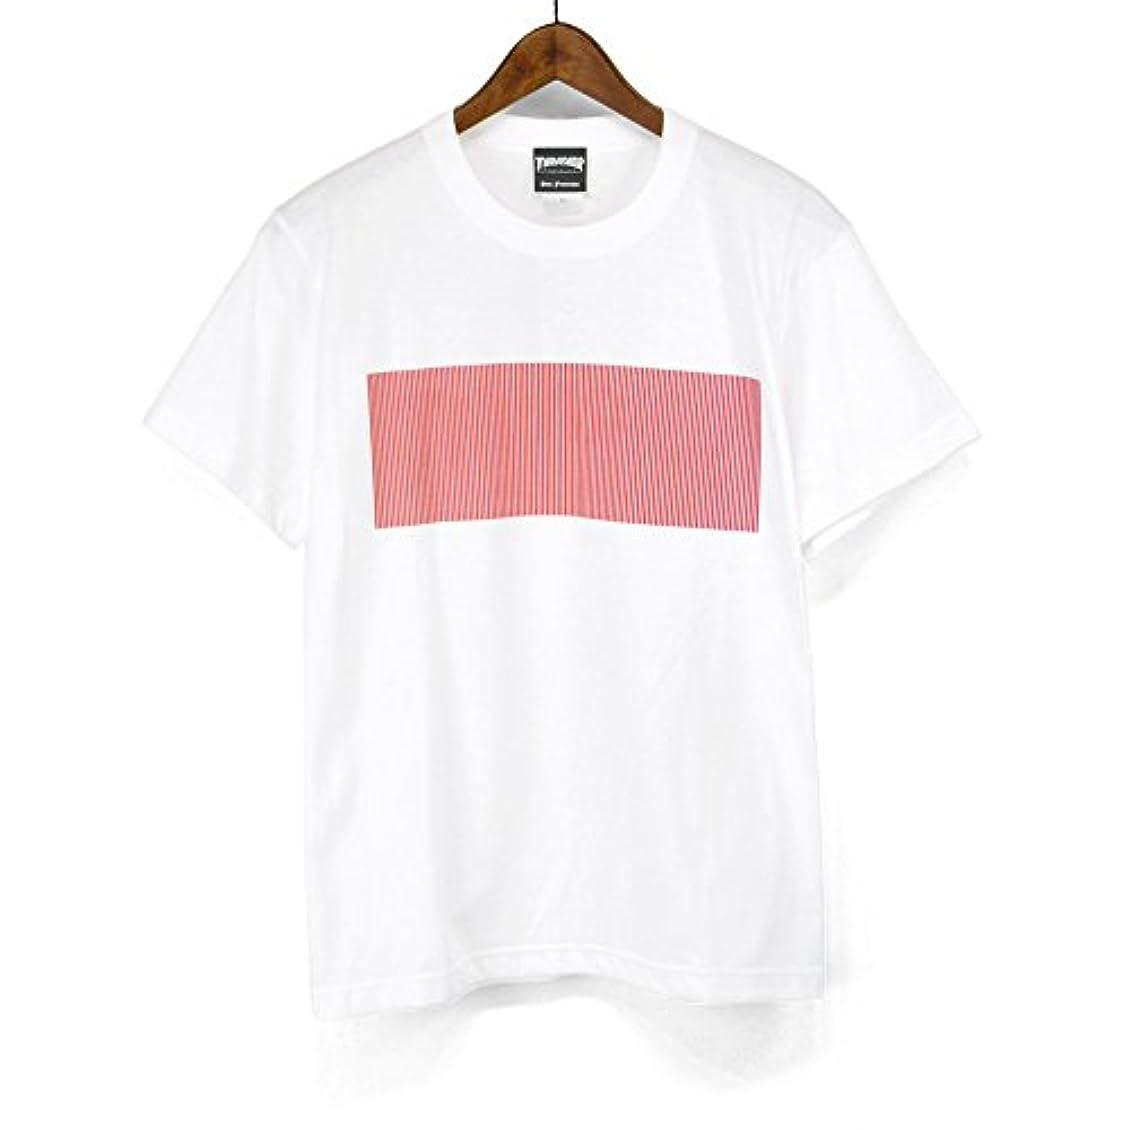 入るドラフト舗装スラッシャー(THRASHER) 半袖Tシャツ ブラインド マグロゴ プリントTシャツ TH91222 マグロゴTシャツ BRIND MAG LOGO T-SHIRTS